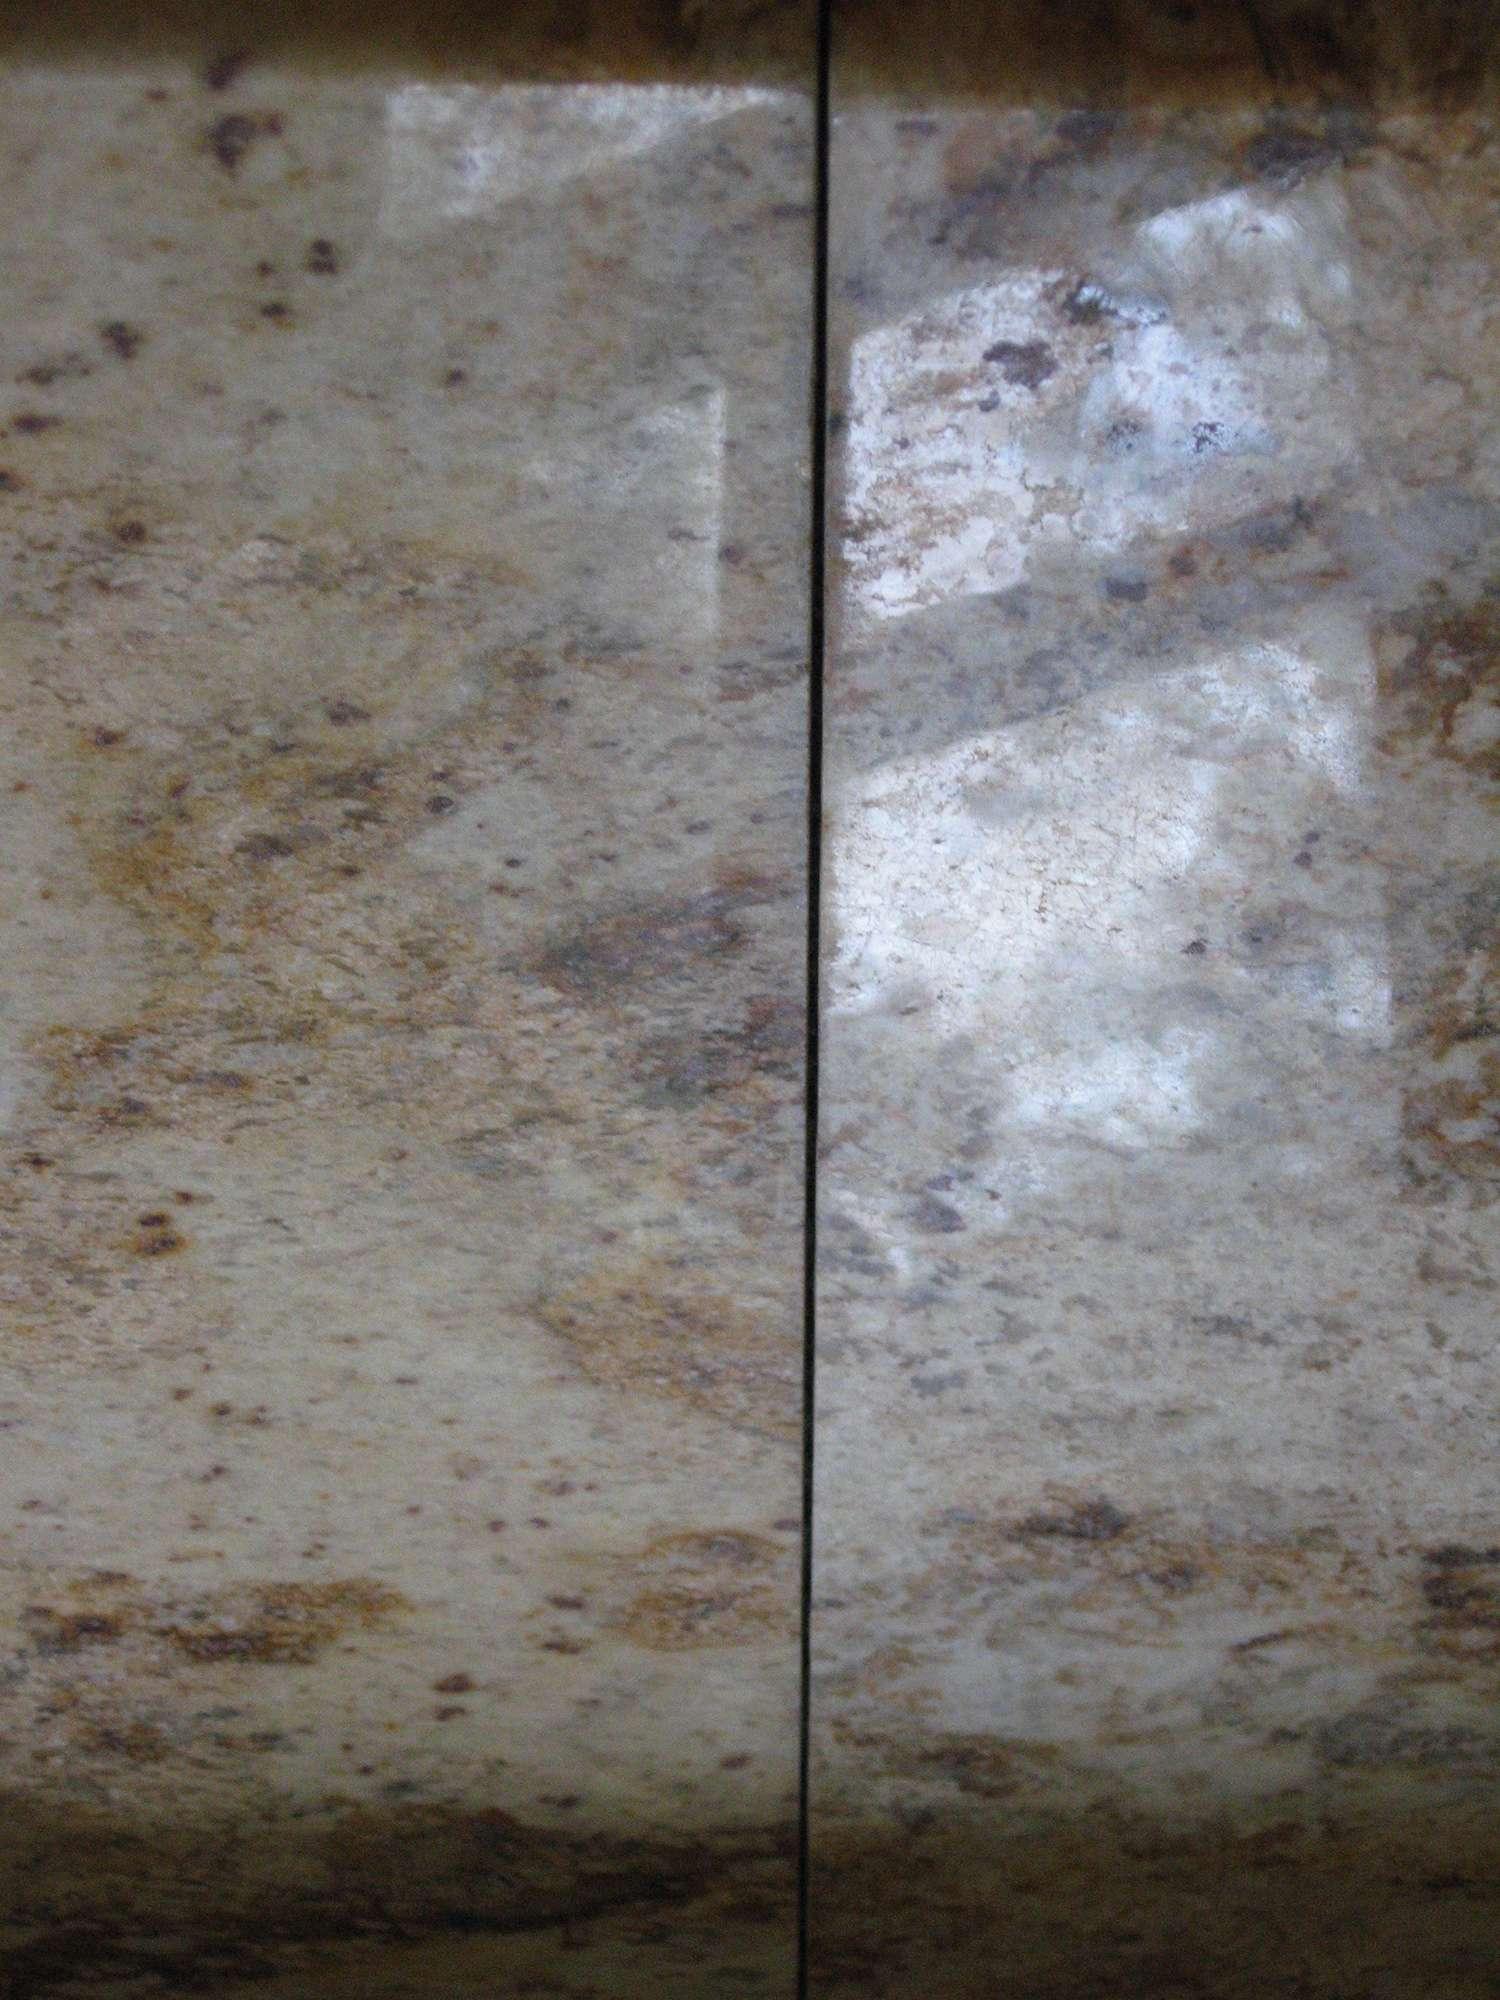 Granite Countertop Seam Repair Specialized Floor Care